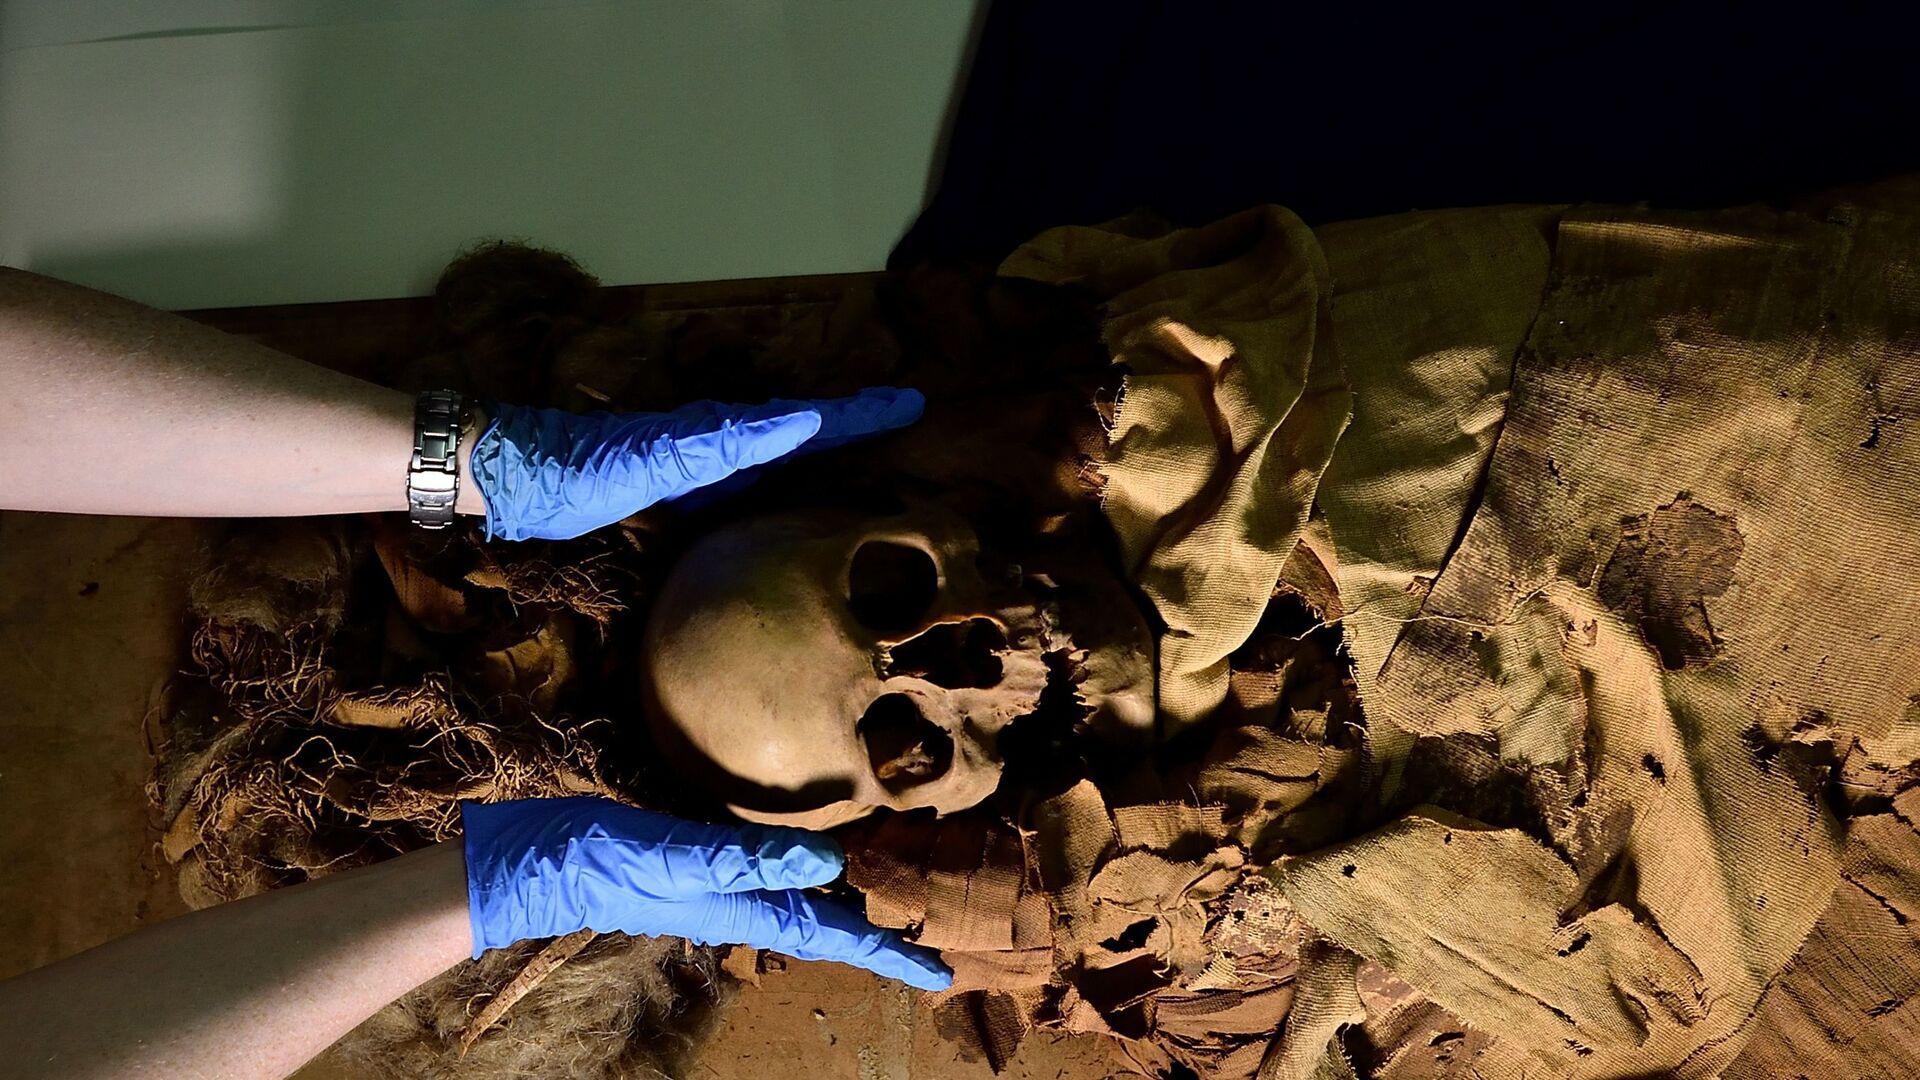 Policlinico di Milano usa la TAC per svelare i segreti di una mummia egiziana - Sputnik Italia, 1920, 23.06.2021